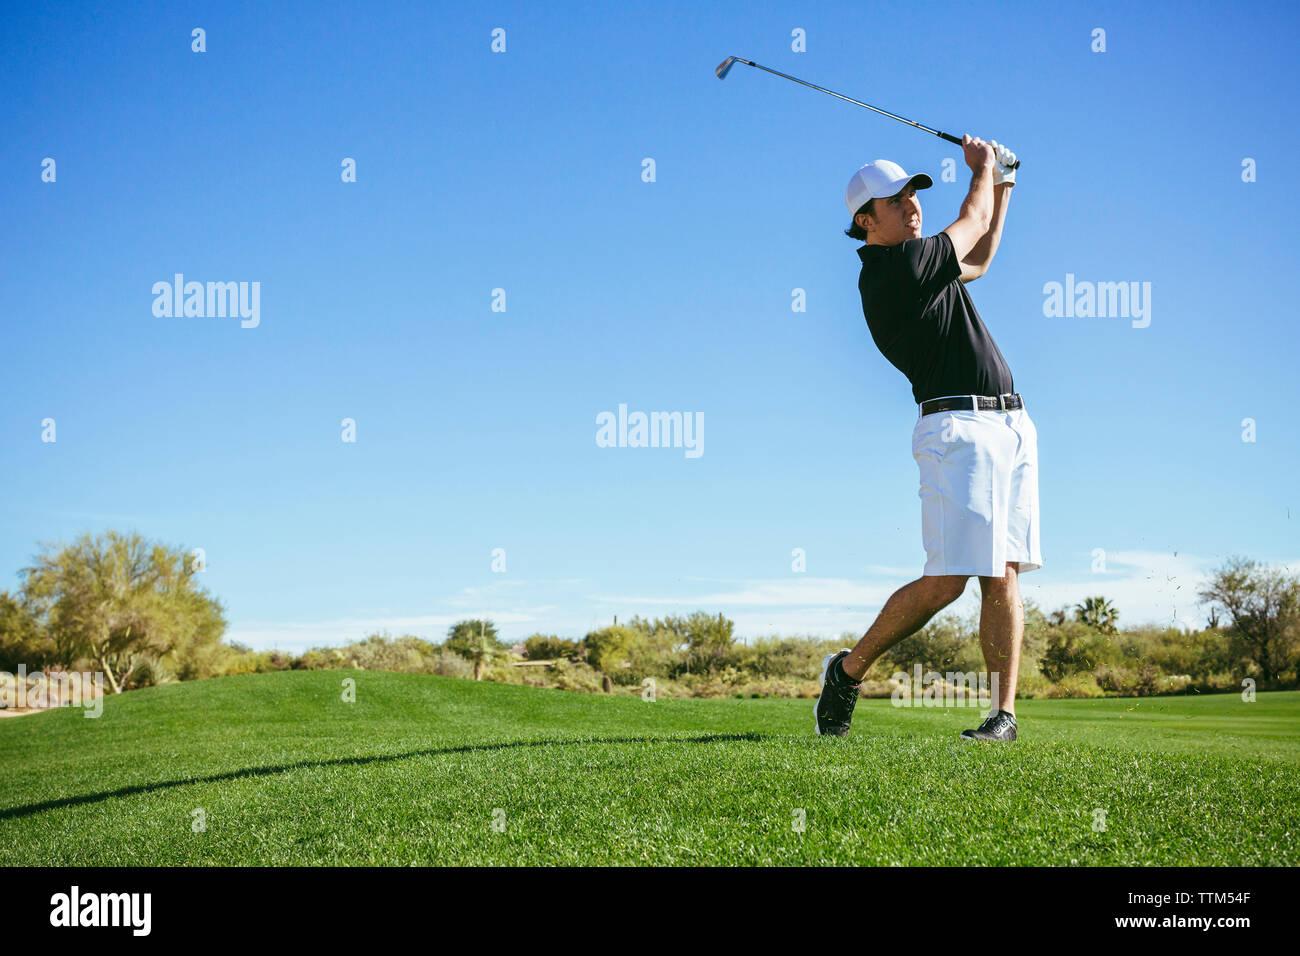 Sur le terrain de jeu du golfeur against sky Banque D'Images